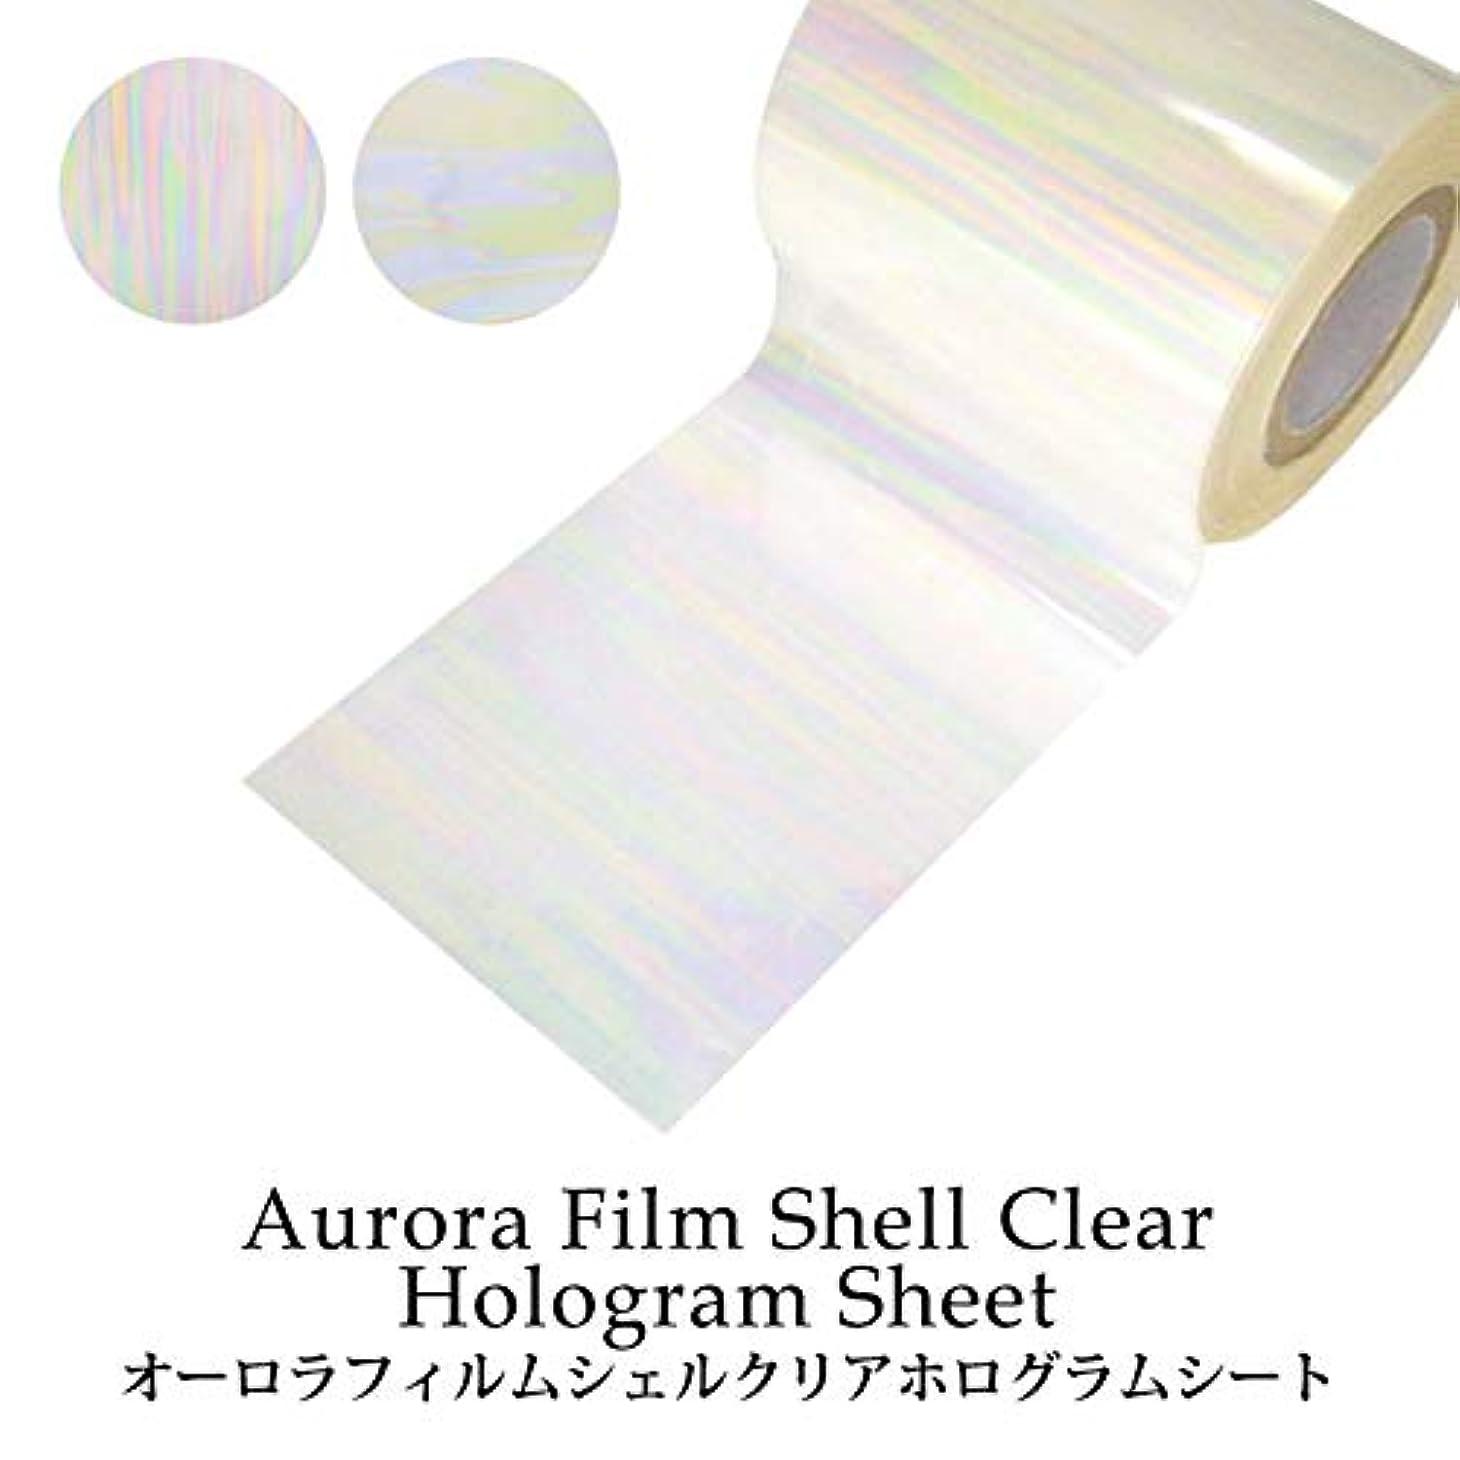 胃白鳥召喚するオーロラフィルム シェルクリア ホログラムシート(1-2) 1枚入り (1.シェルクリア(縦))